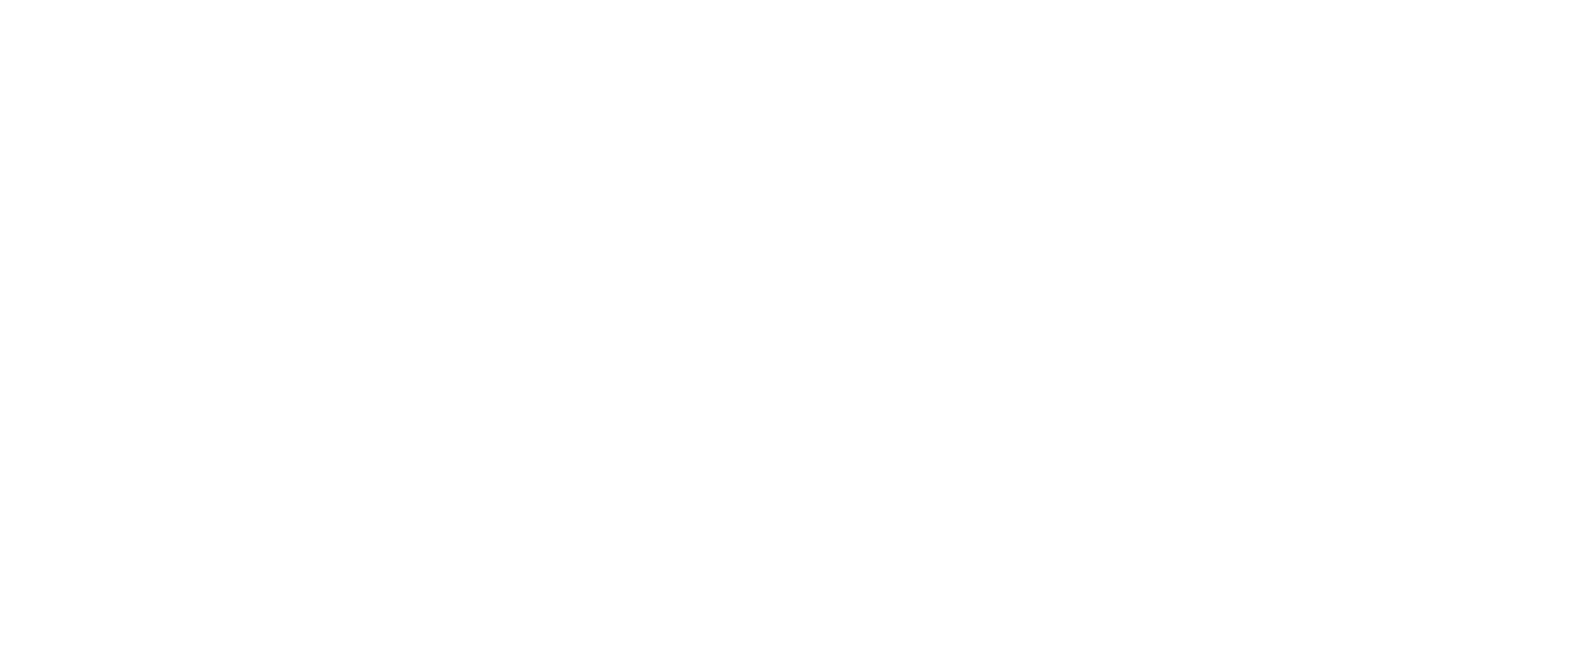 Logo evo white